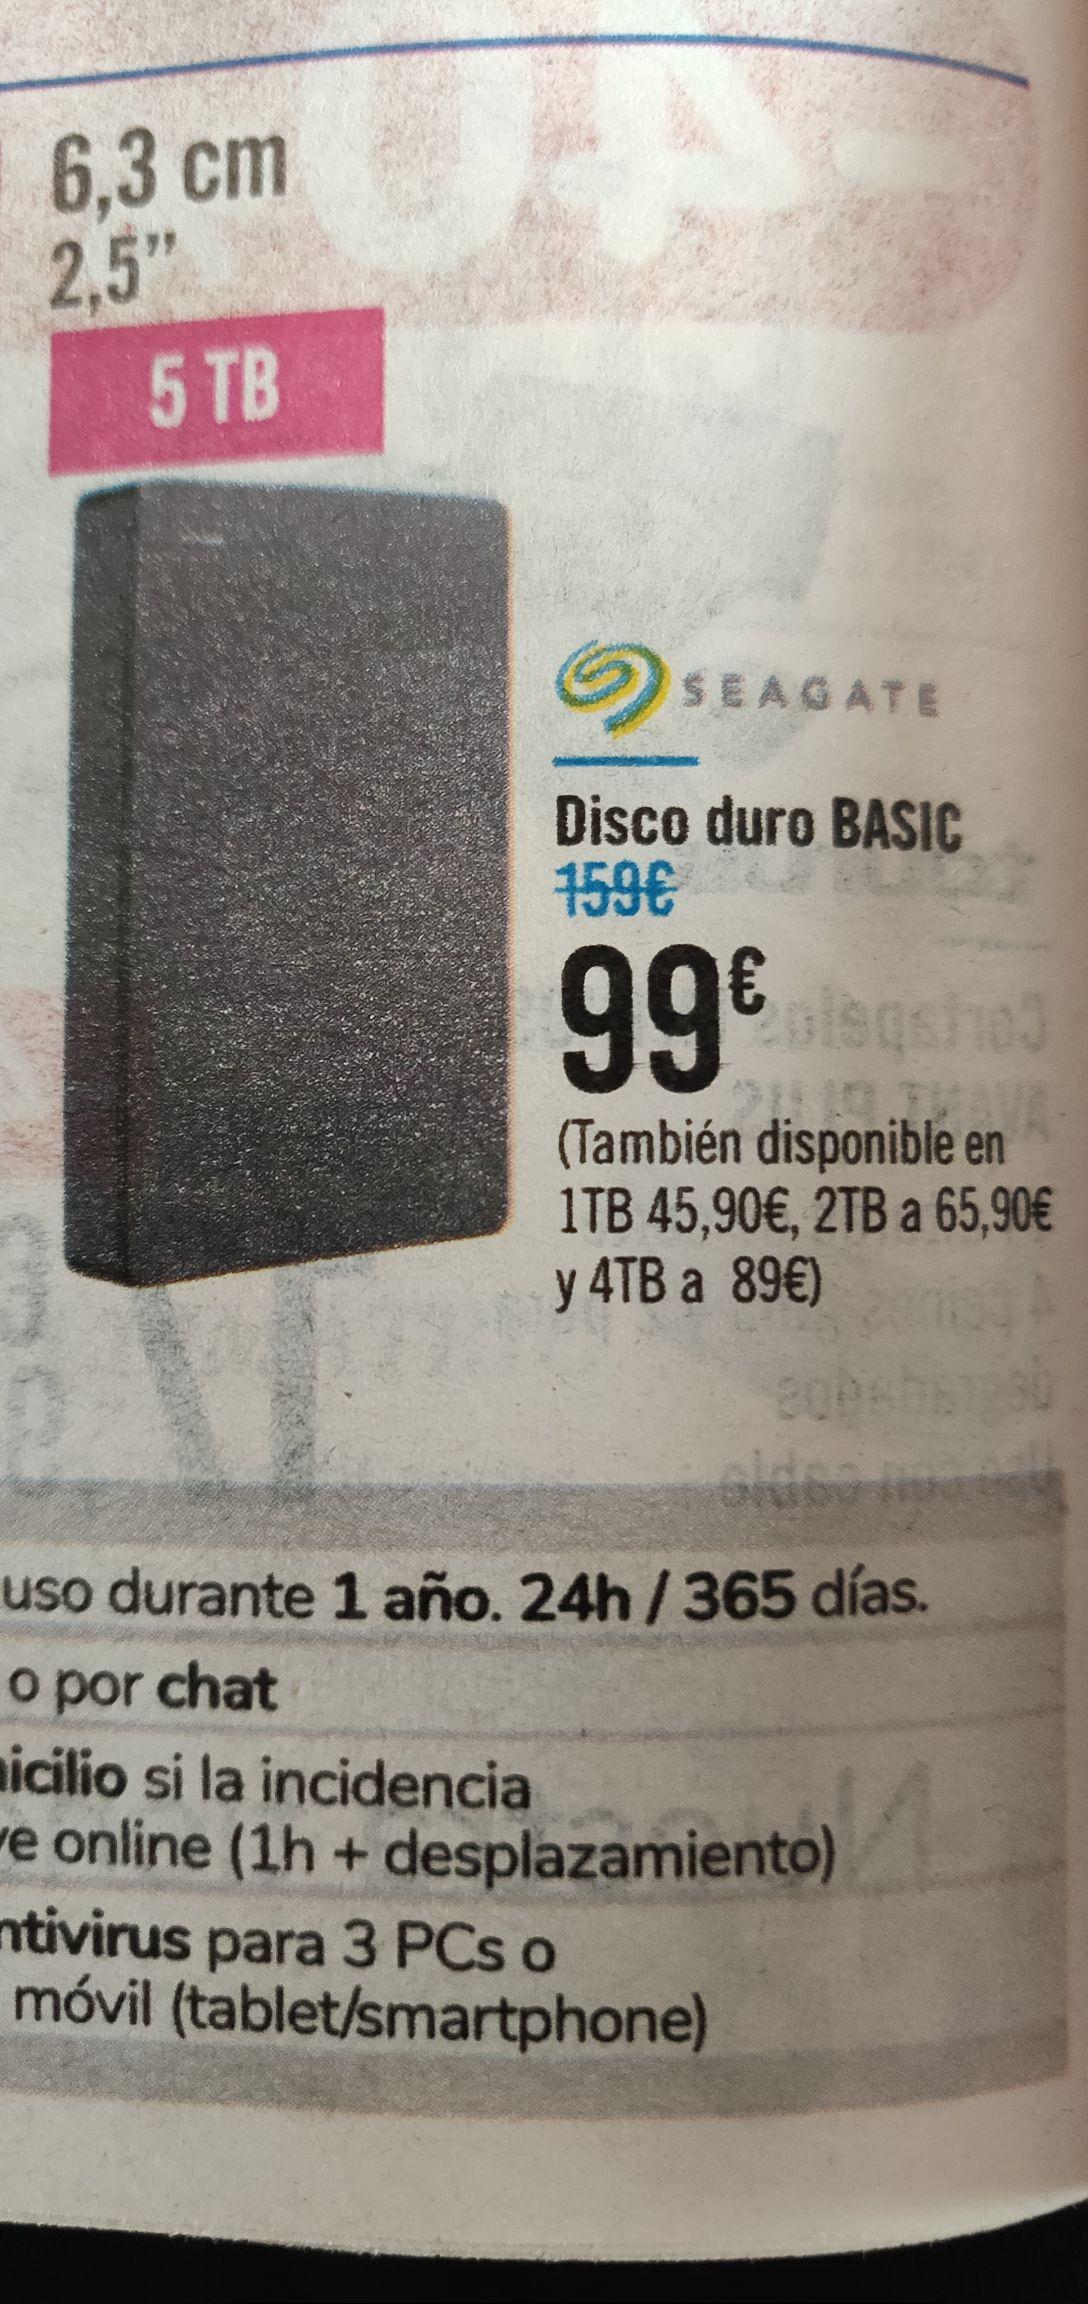 Carrefour Disco duro Seagate 5TB. En tienda.